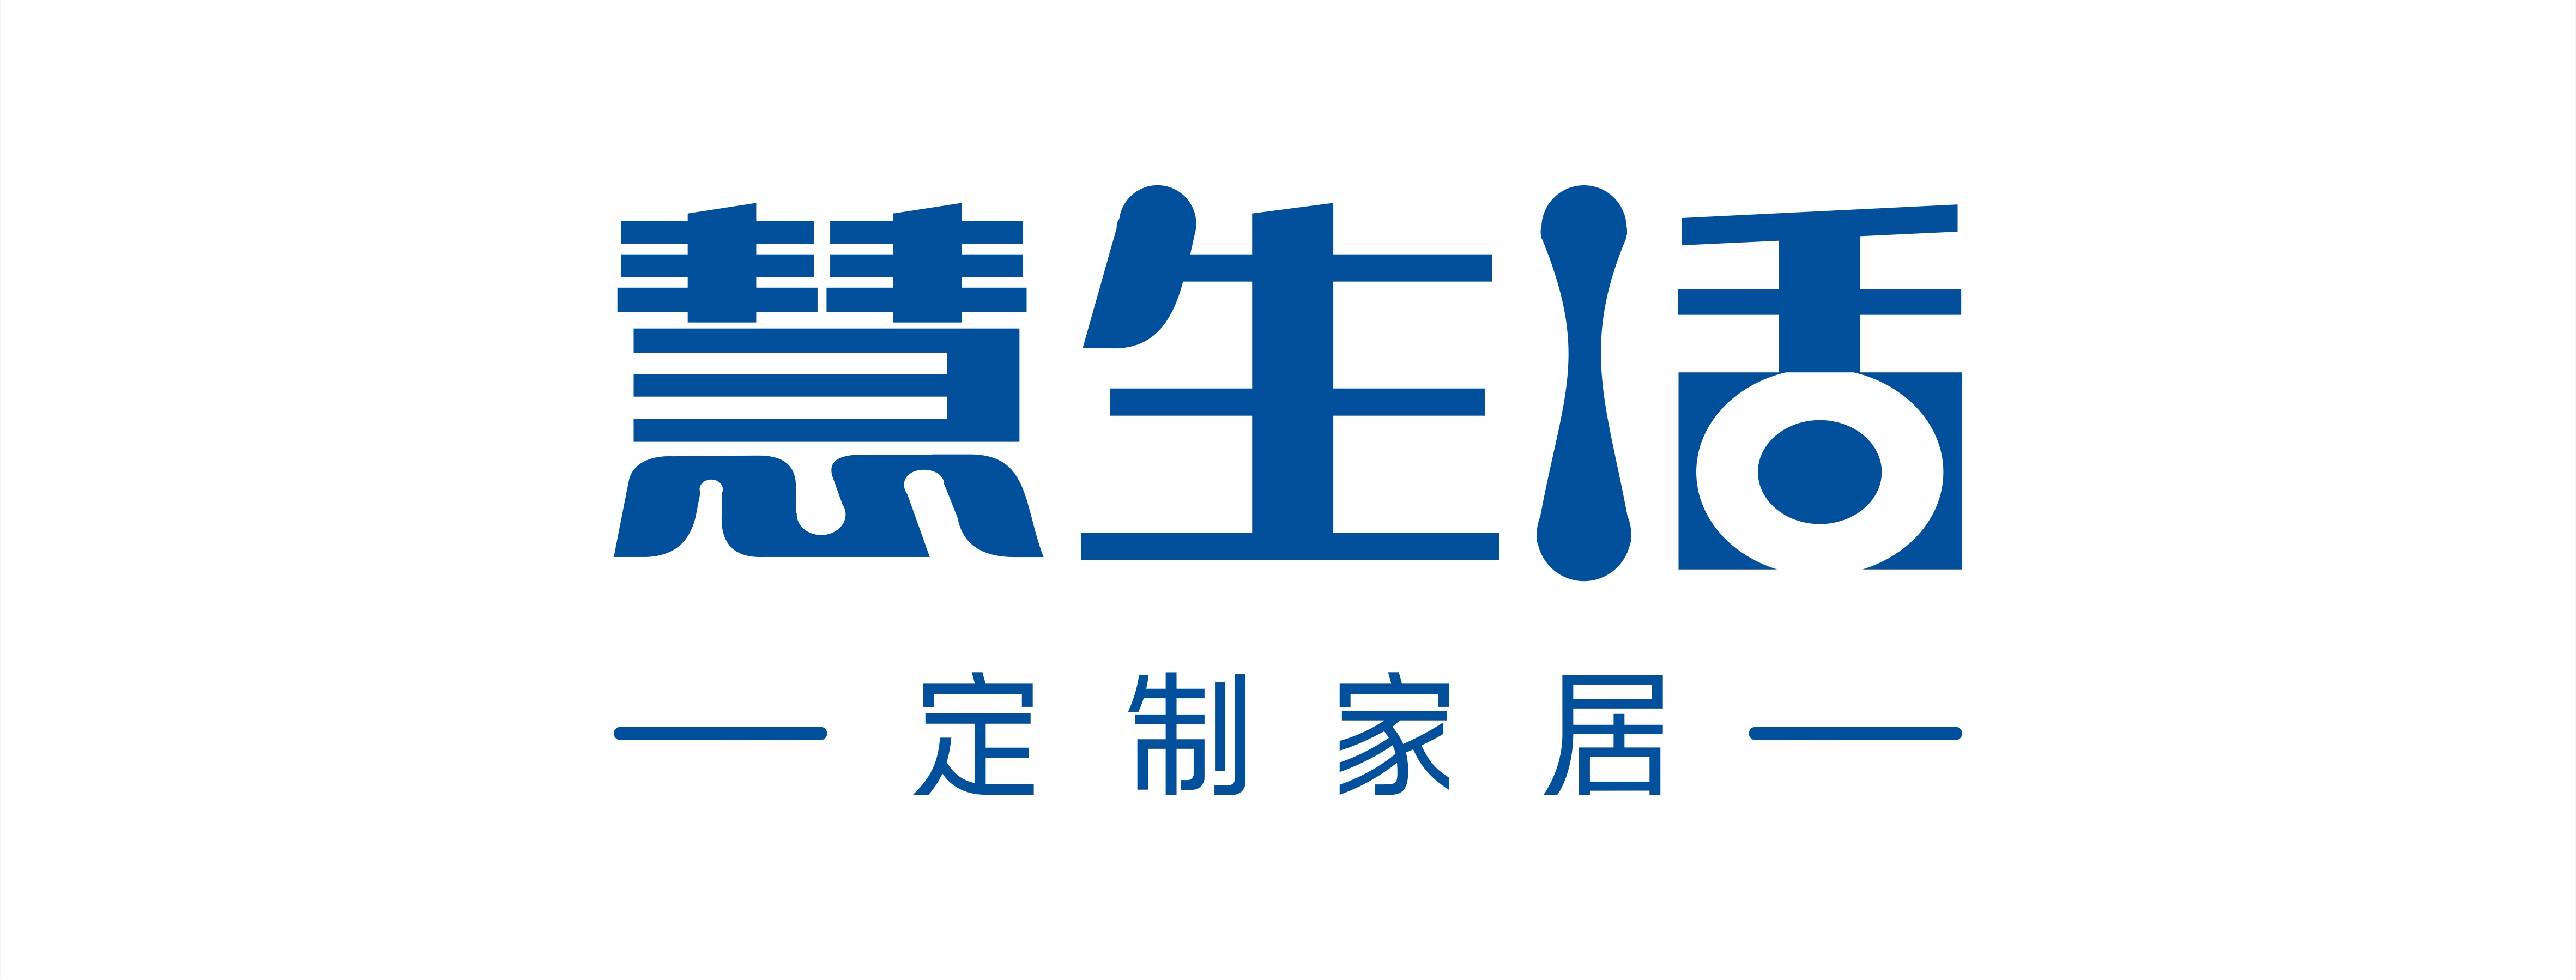 奥普集成吊顶-广东兴慧生活泛家居有限公司